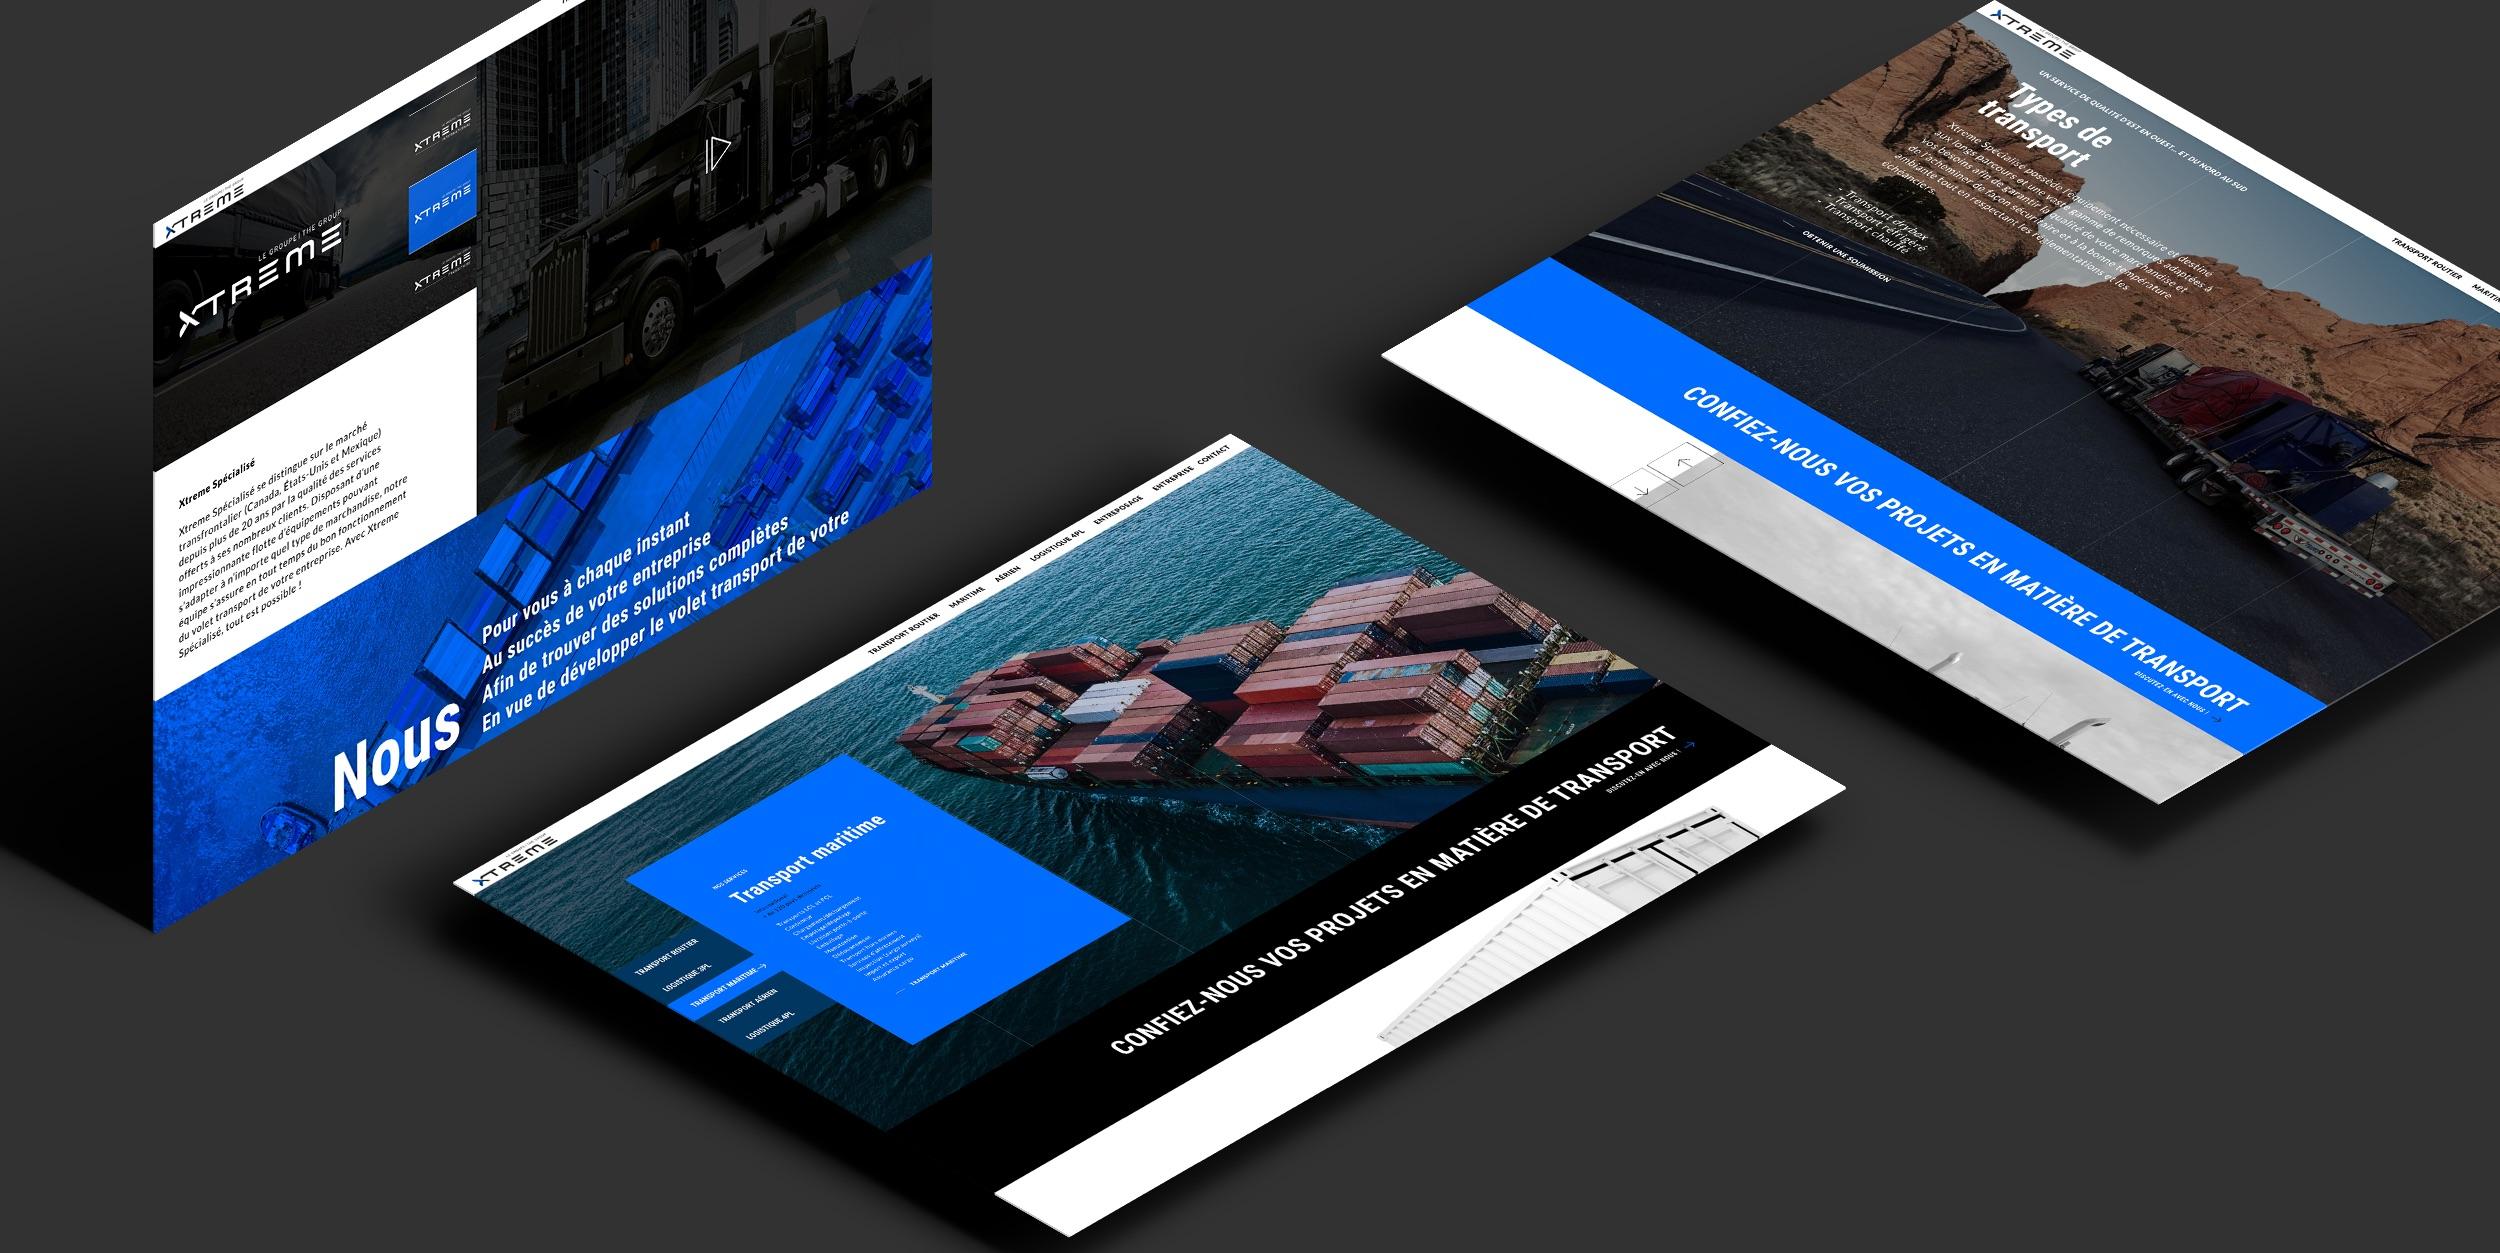 Concept de site Web | Expérience numérique | Design visuel